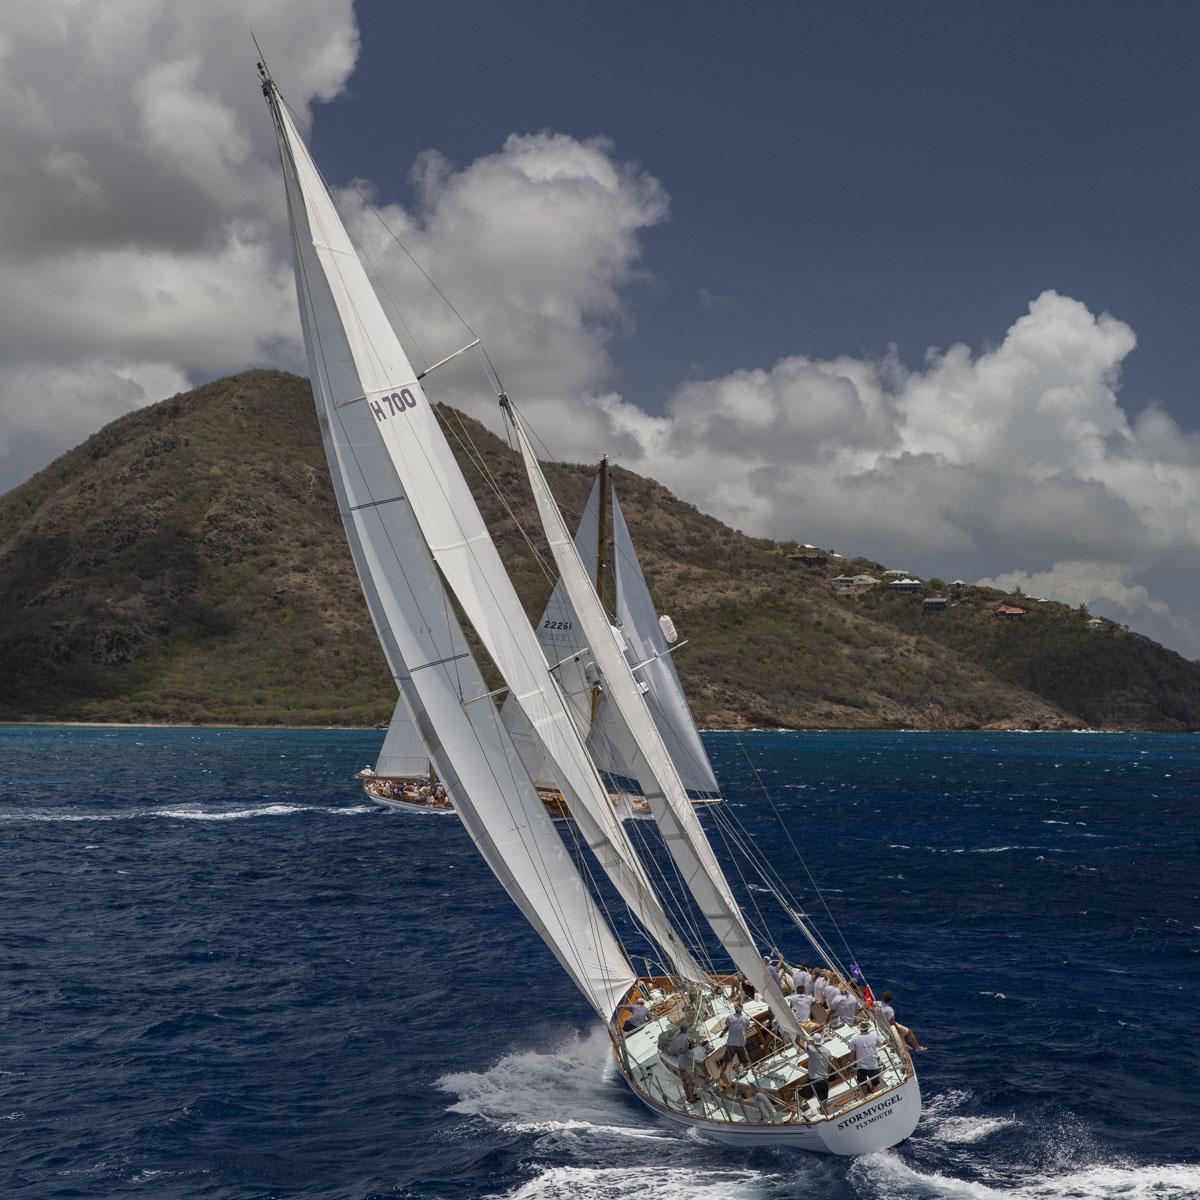 La Cote des Montres : Photo - Panerai Classic Yachts Challenge 2015 Whitehawk vainqueur à Antigua